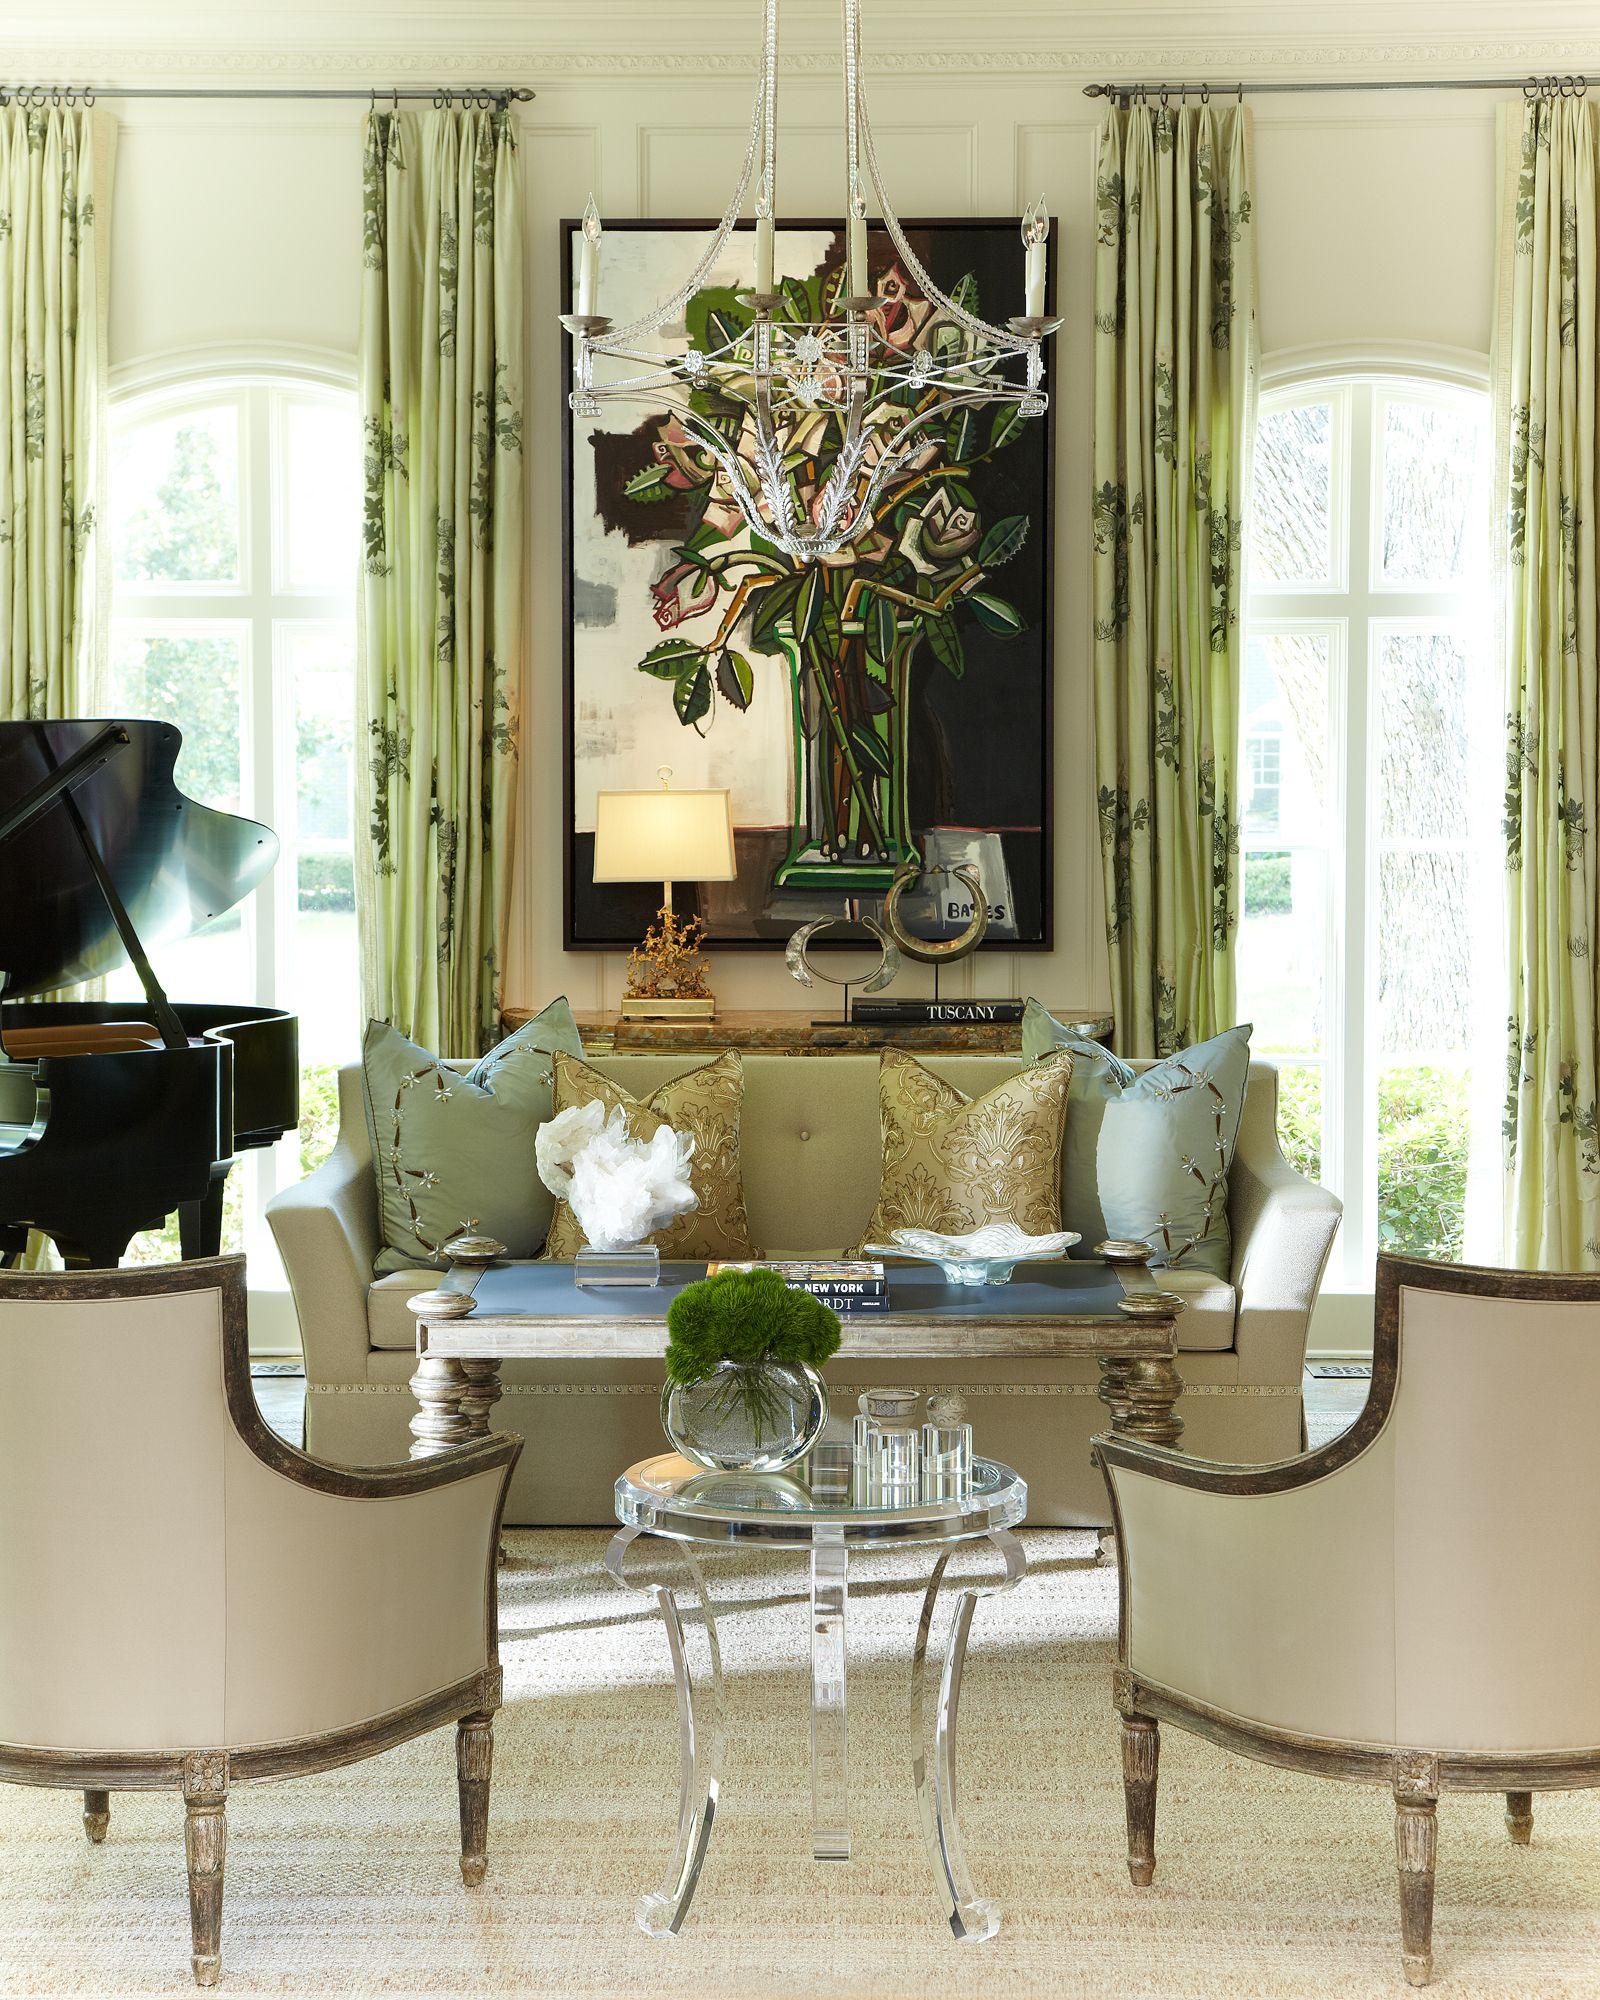 Laura Lee Clark Interior Design Dallas Interior Design Interior Design Interior Design Gallery